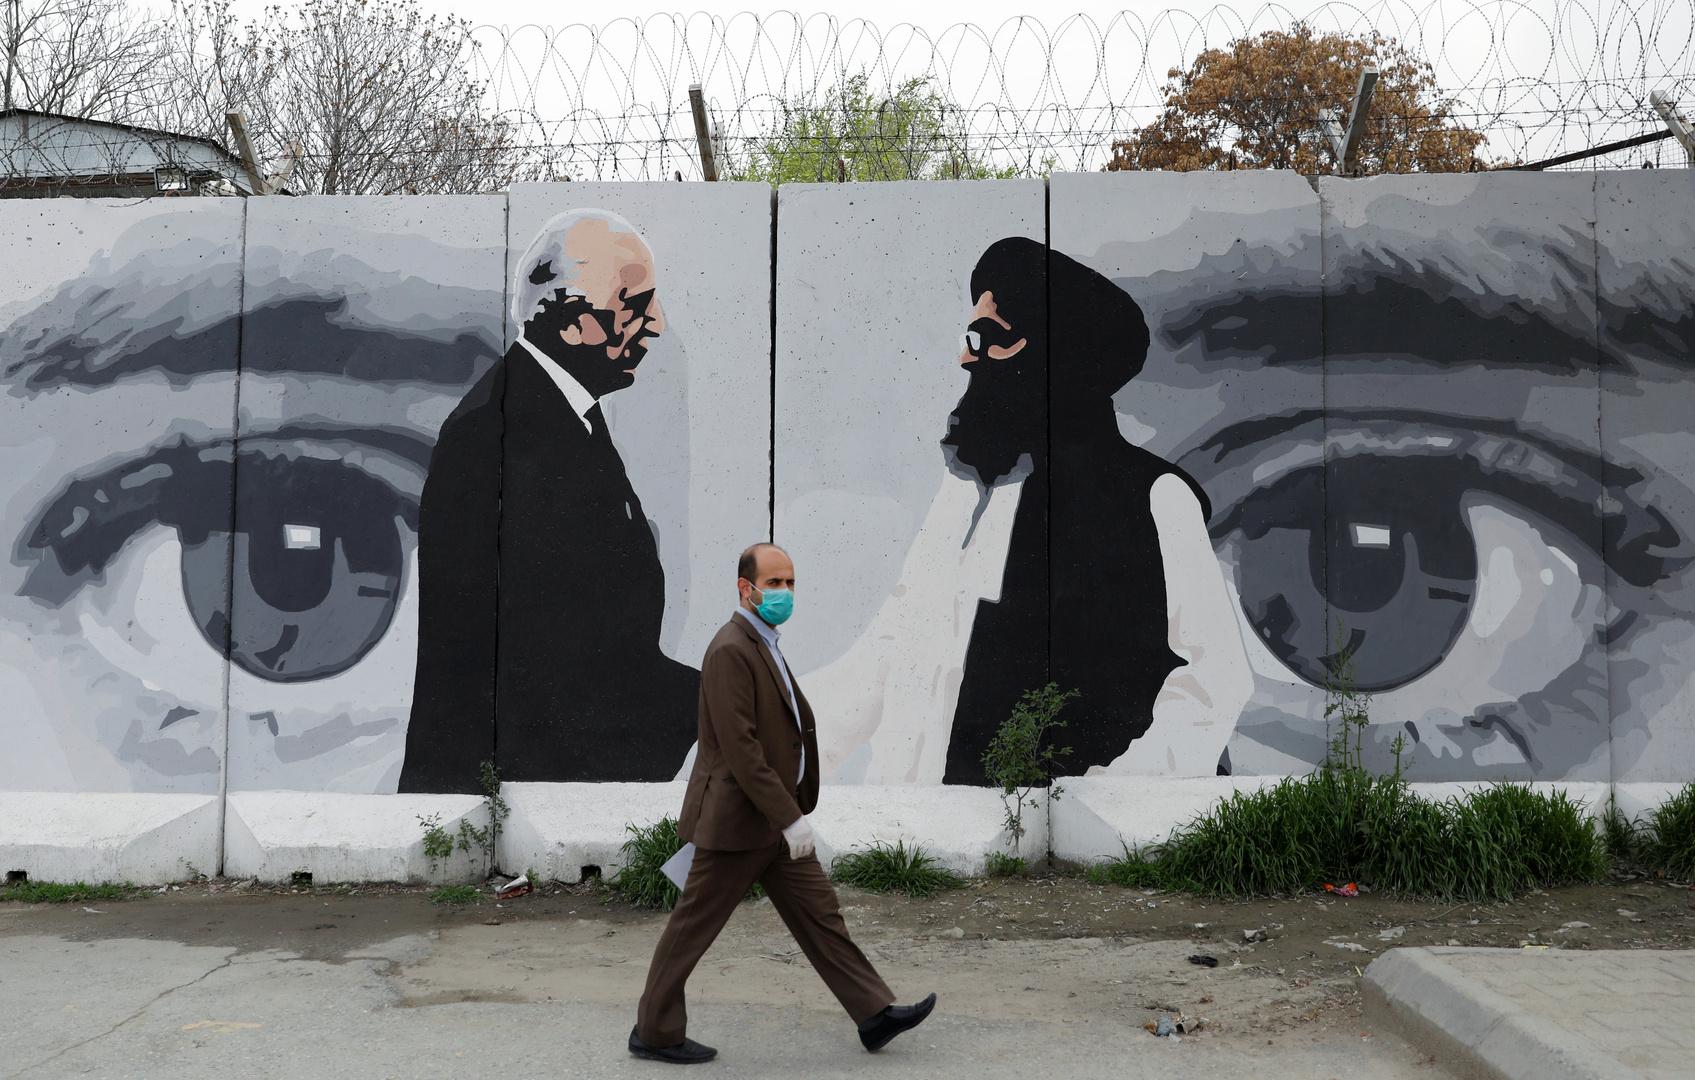 واشنطن: مفاوضات أفغانية-أفغانية أقرب من أي وقت مضى